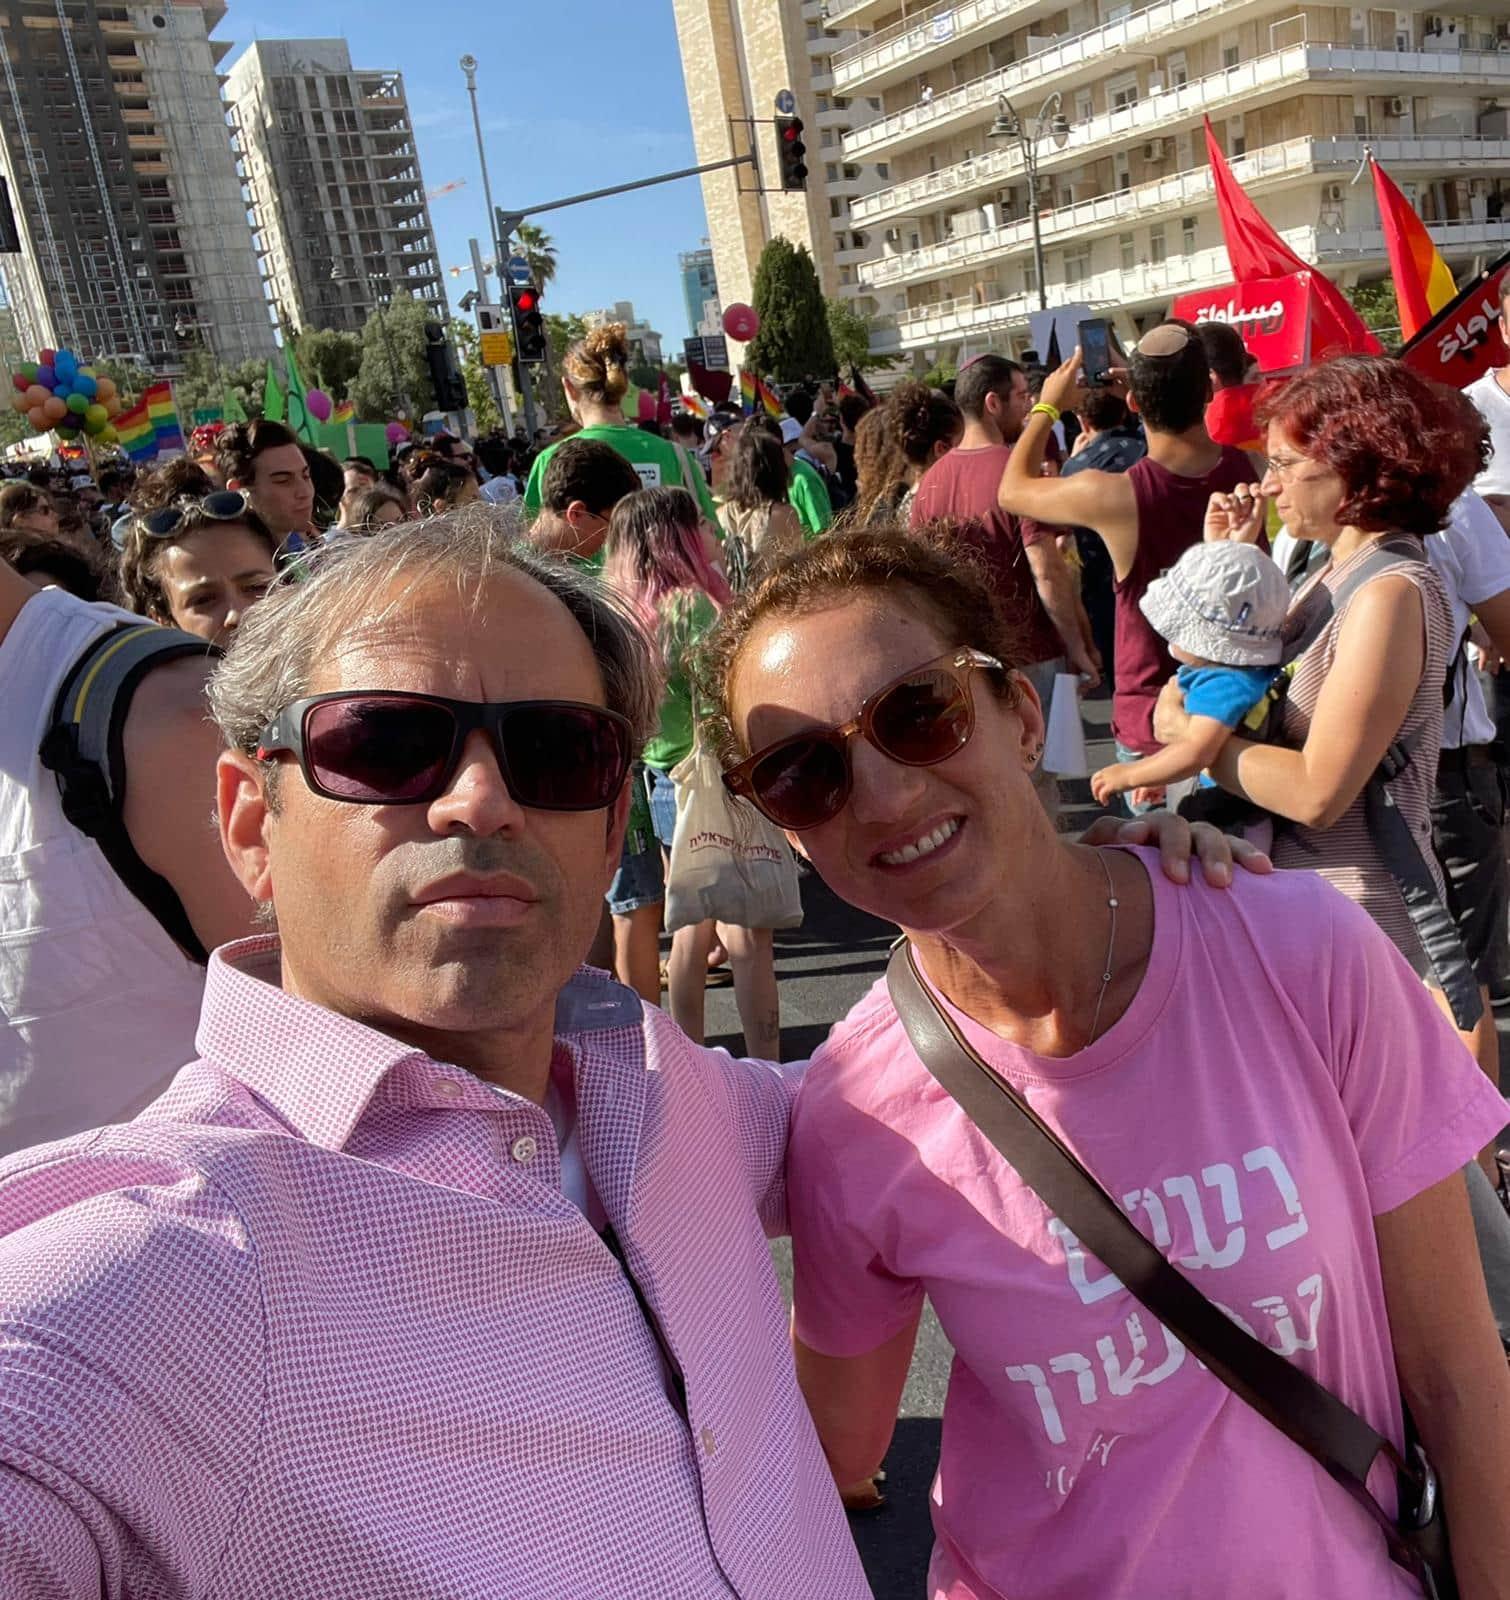 דניאל גולדמן ואשתו במצעד הגאווה בירושלים (צילום: באדיבות המצולמים)